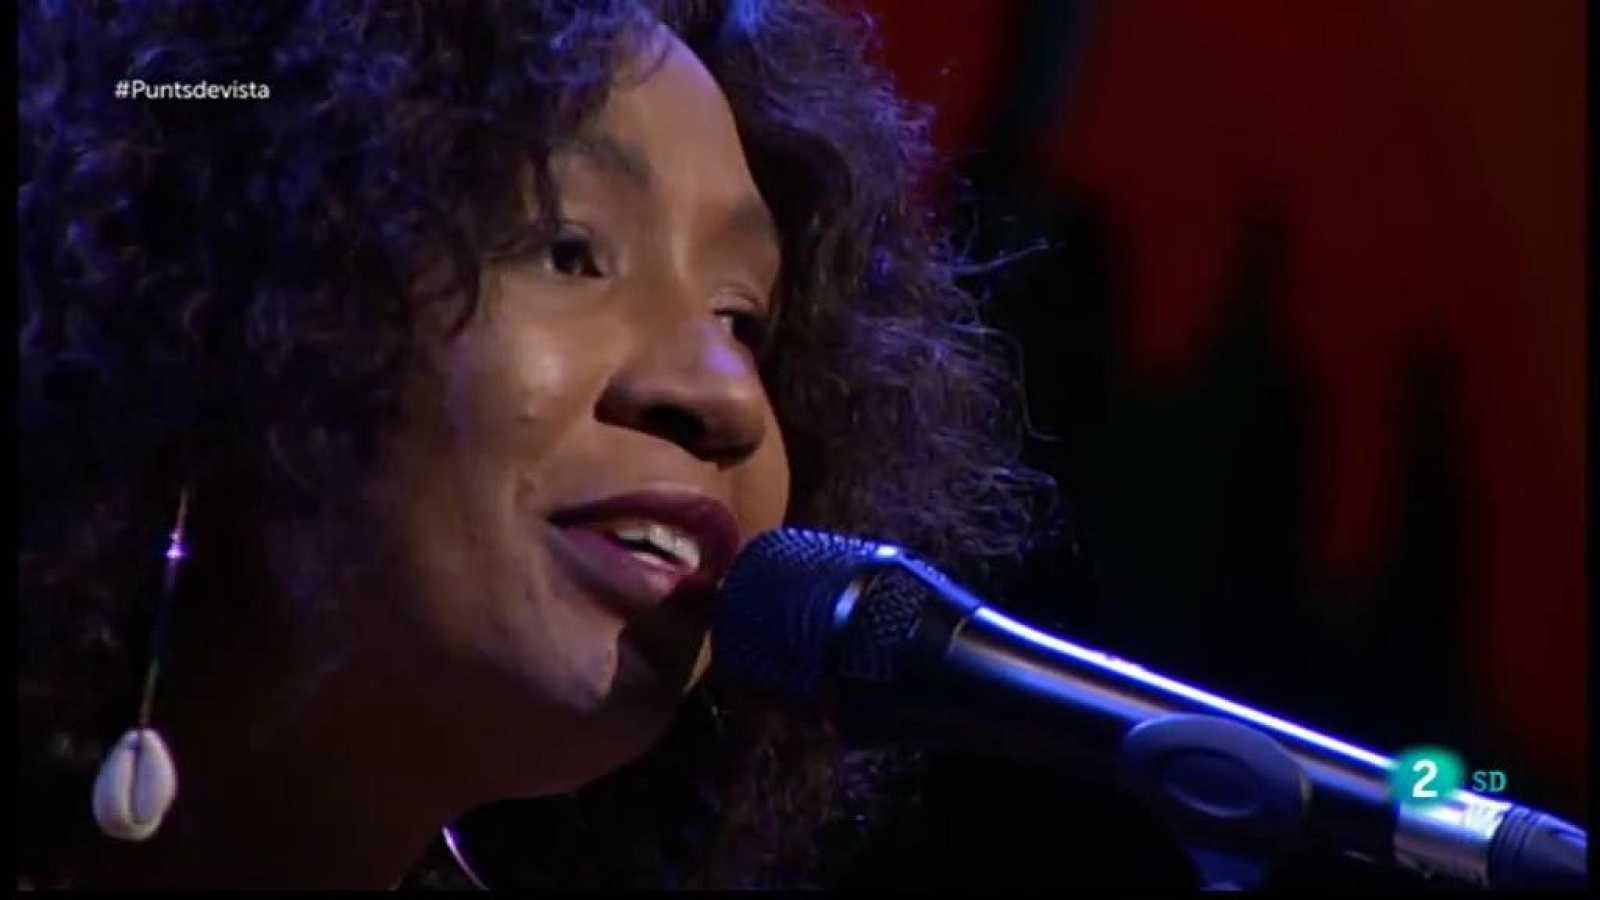 La música de Nakany Kanté a Punts de Vista